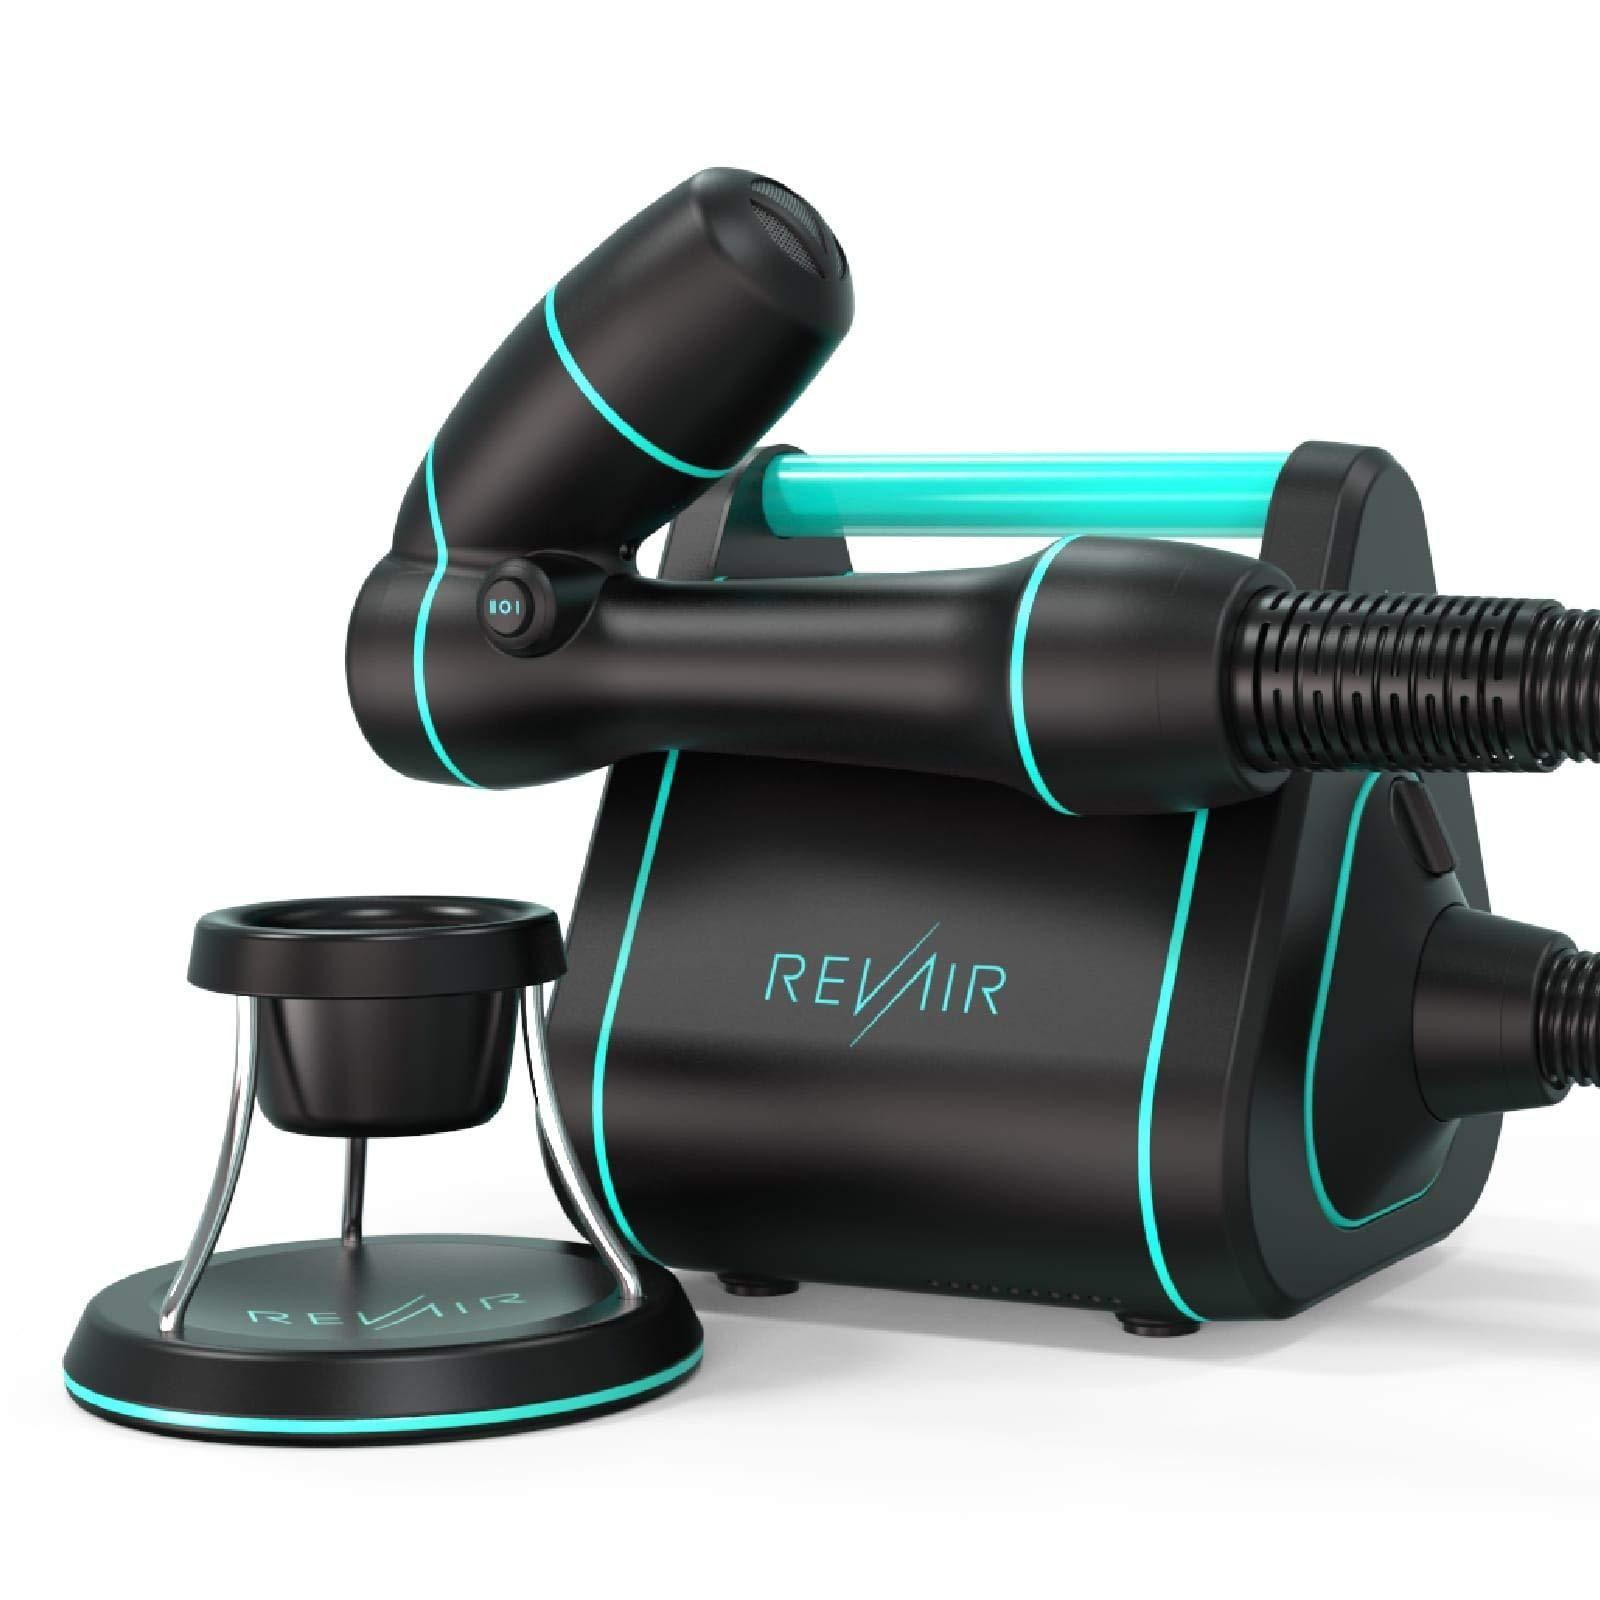 REVAIR ReverseAir Hair Dryer Easily Dry and Straighten